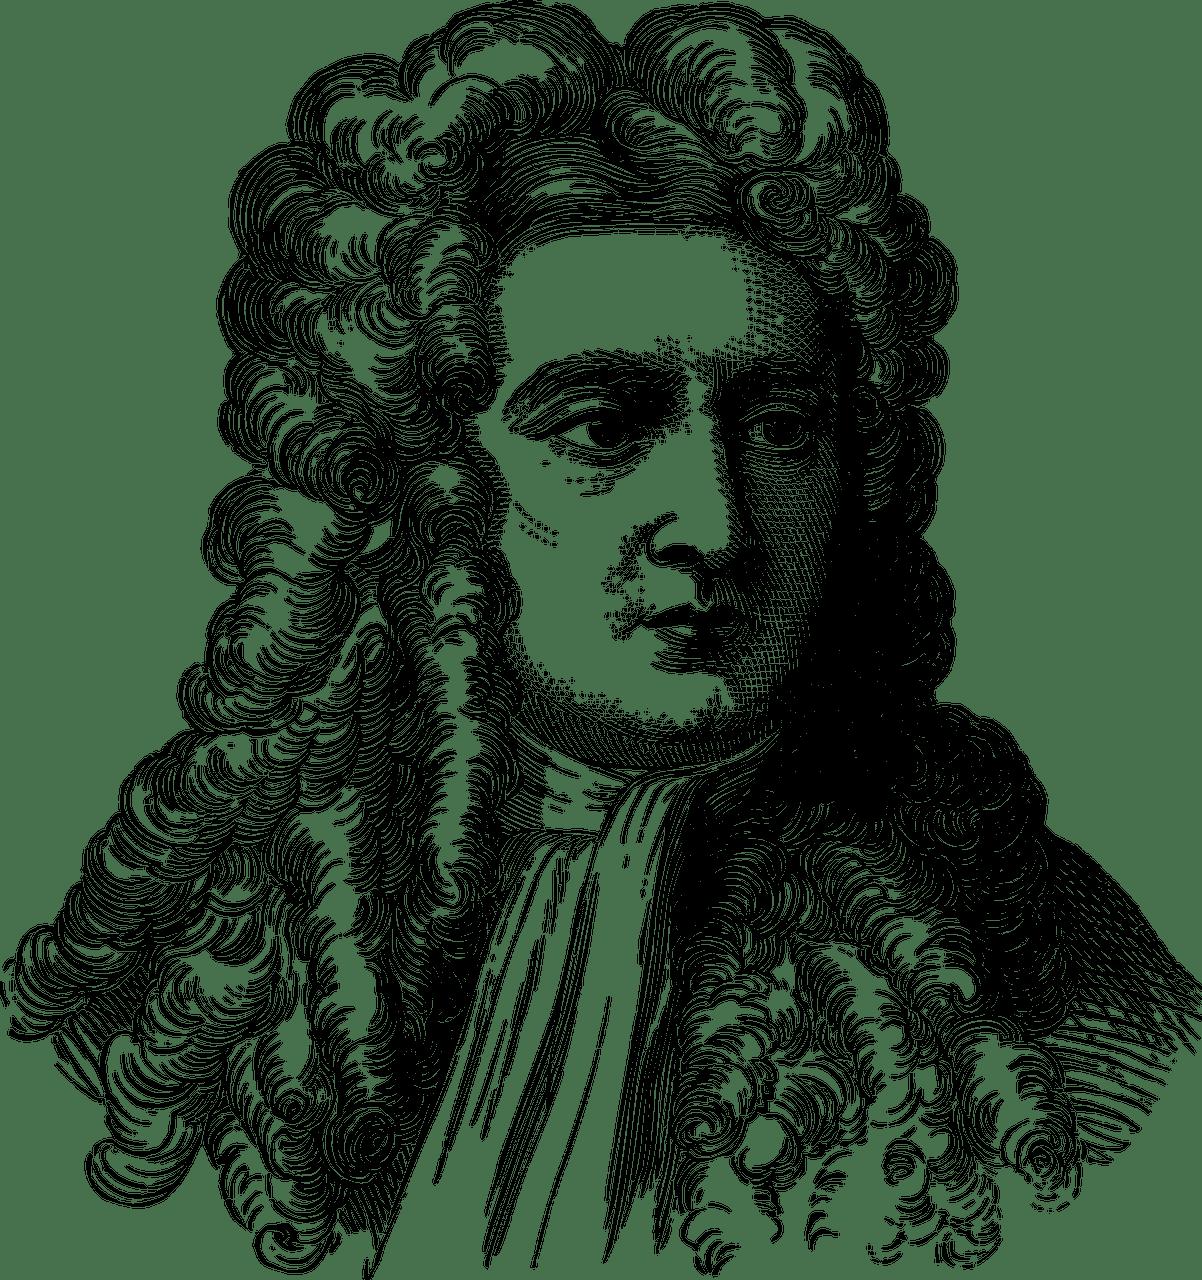 profecia de Isaac Newton